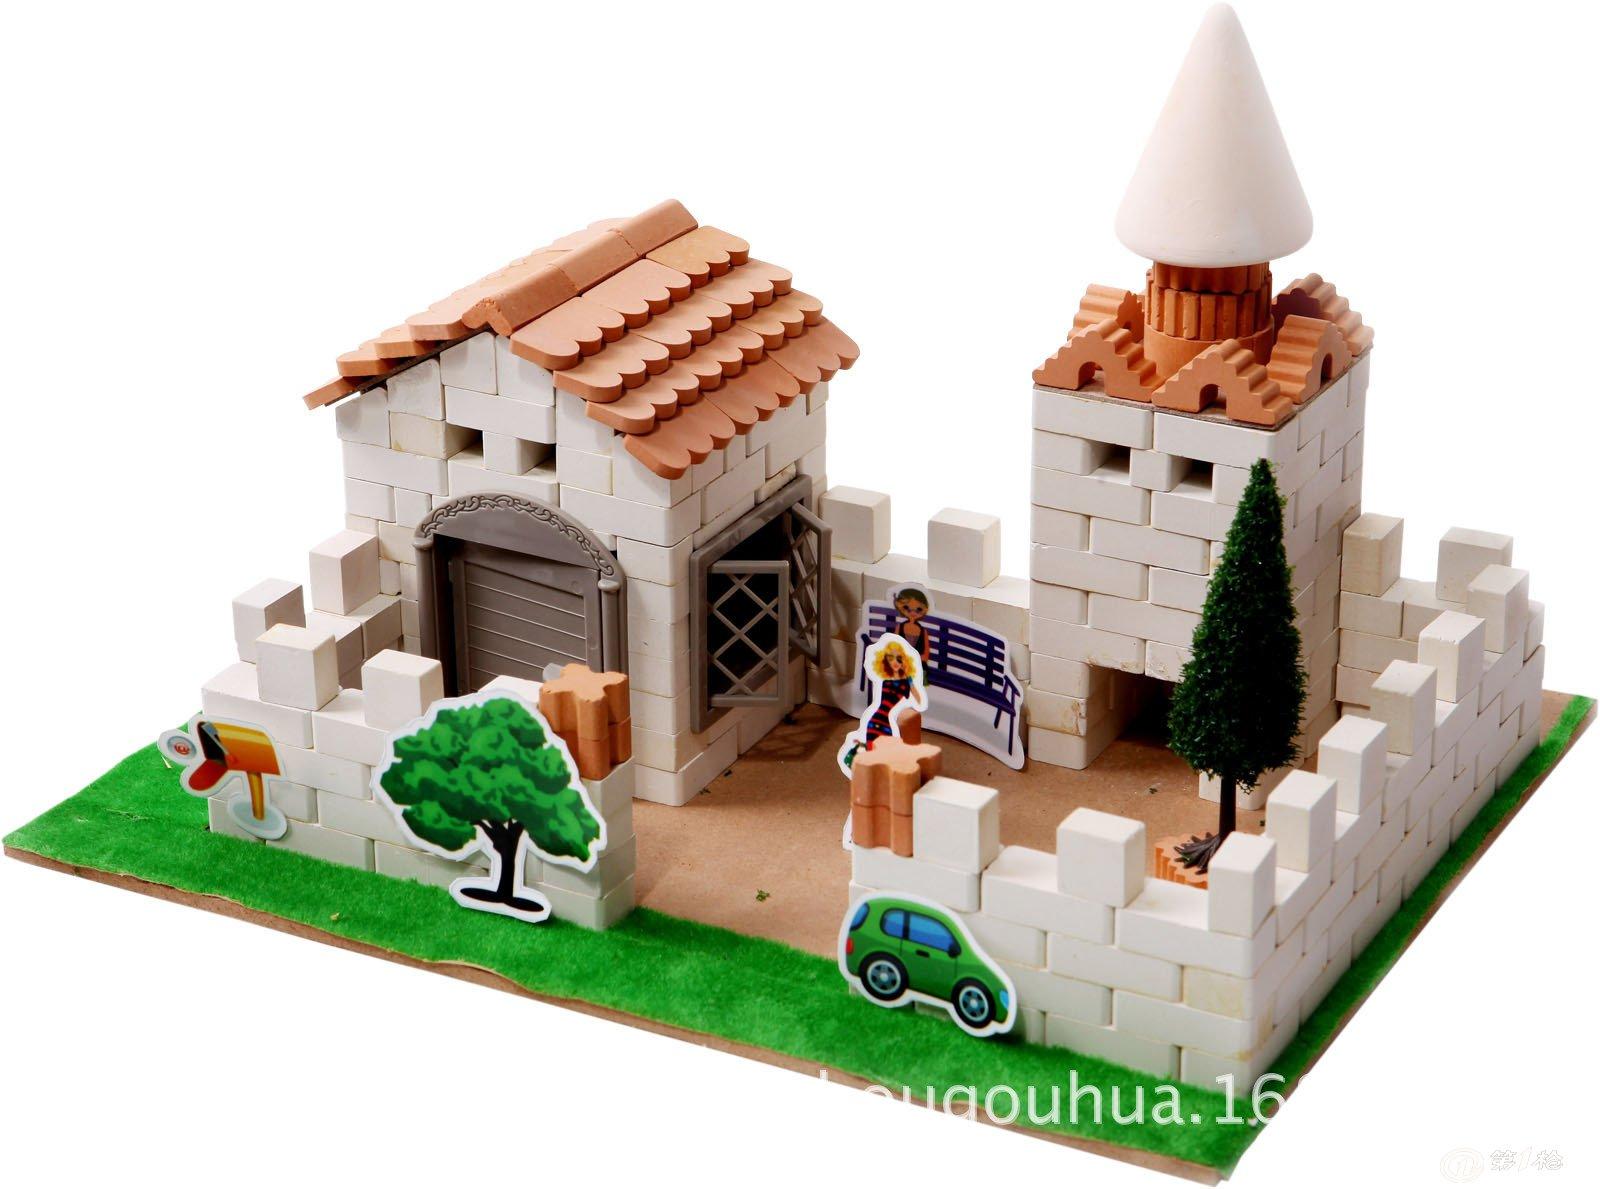 陶瓷积木 儿童益智玩具 5合1豪华别墅 diy建筑模型玩具 亲子玩具